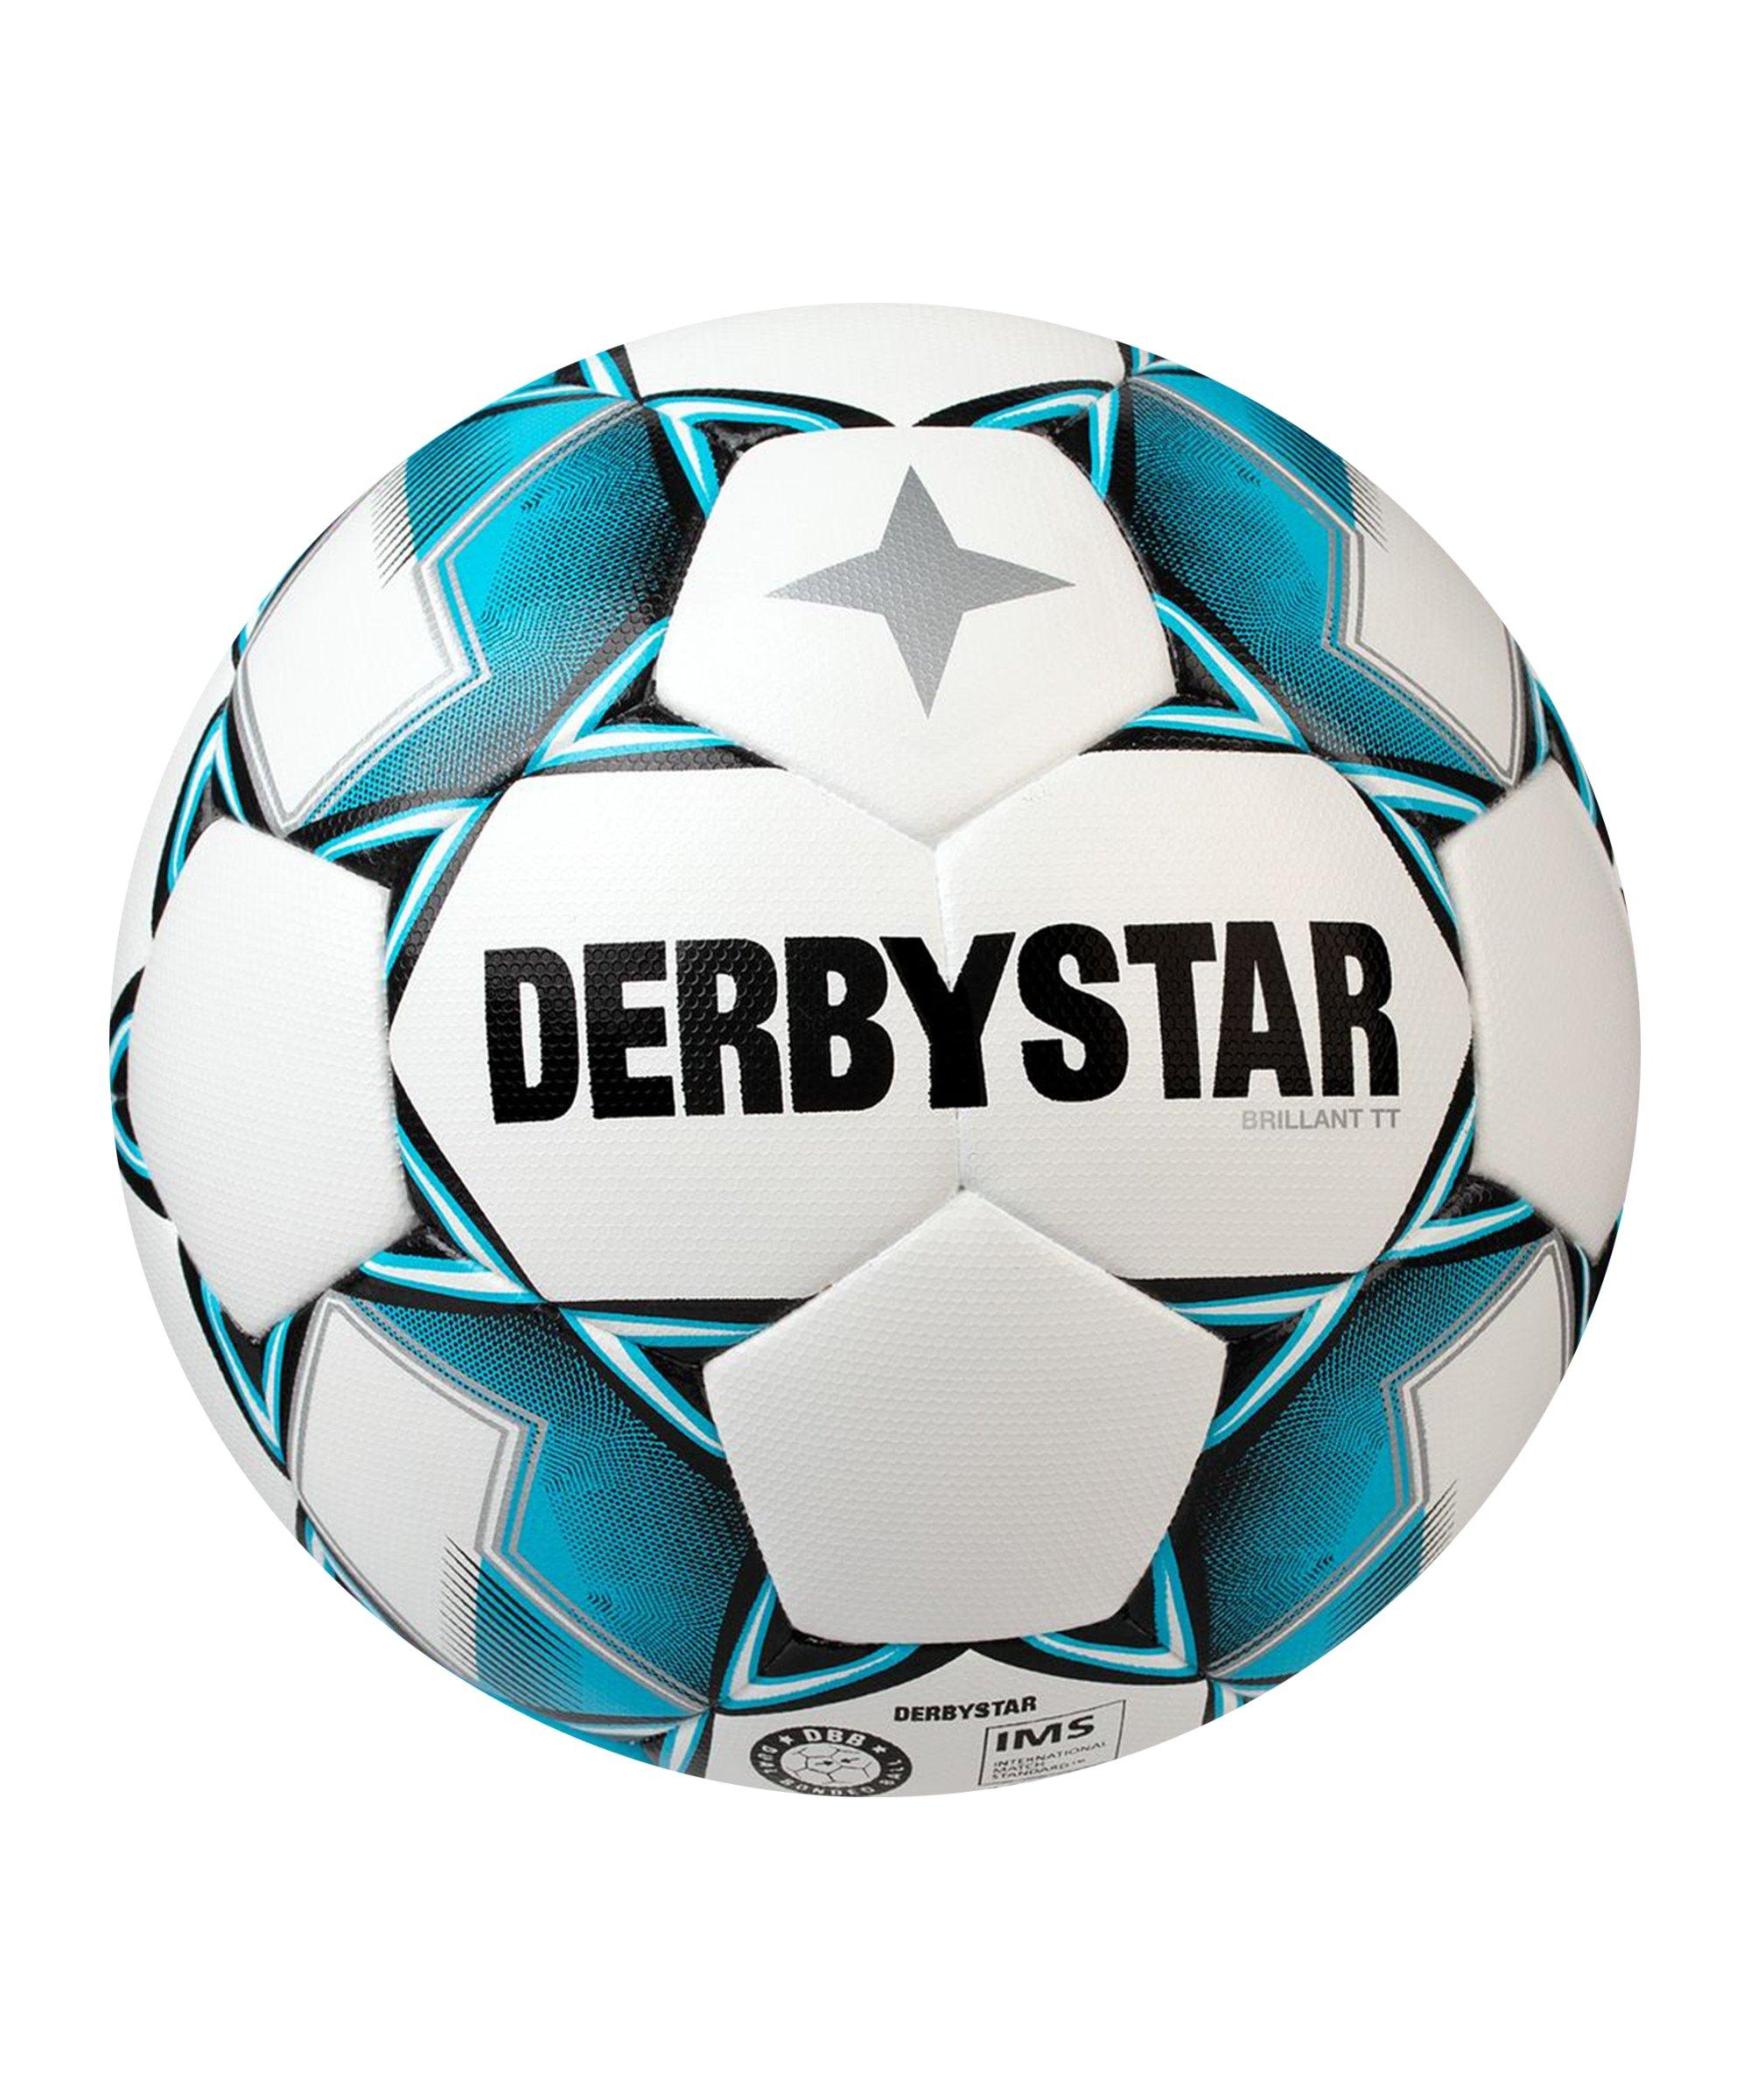 Derbystar Brillant TT DB v20 Trainingsball F162 - weiss